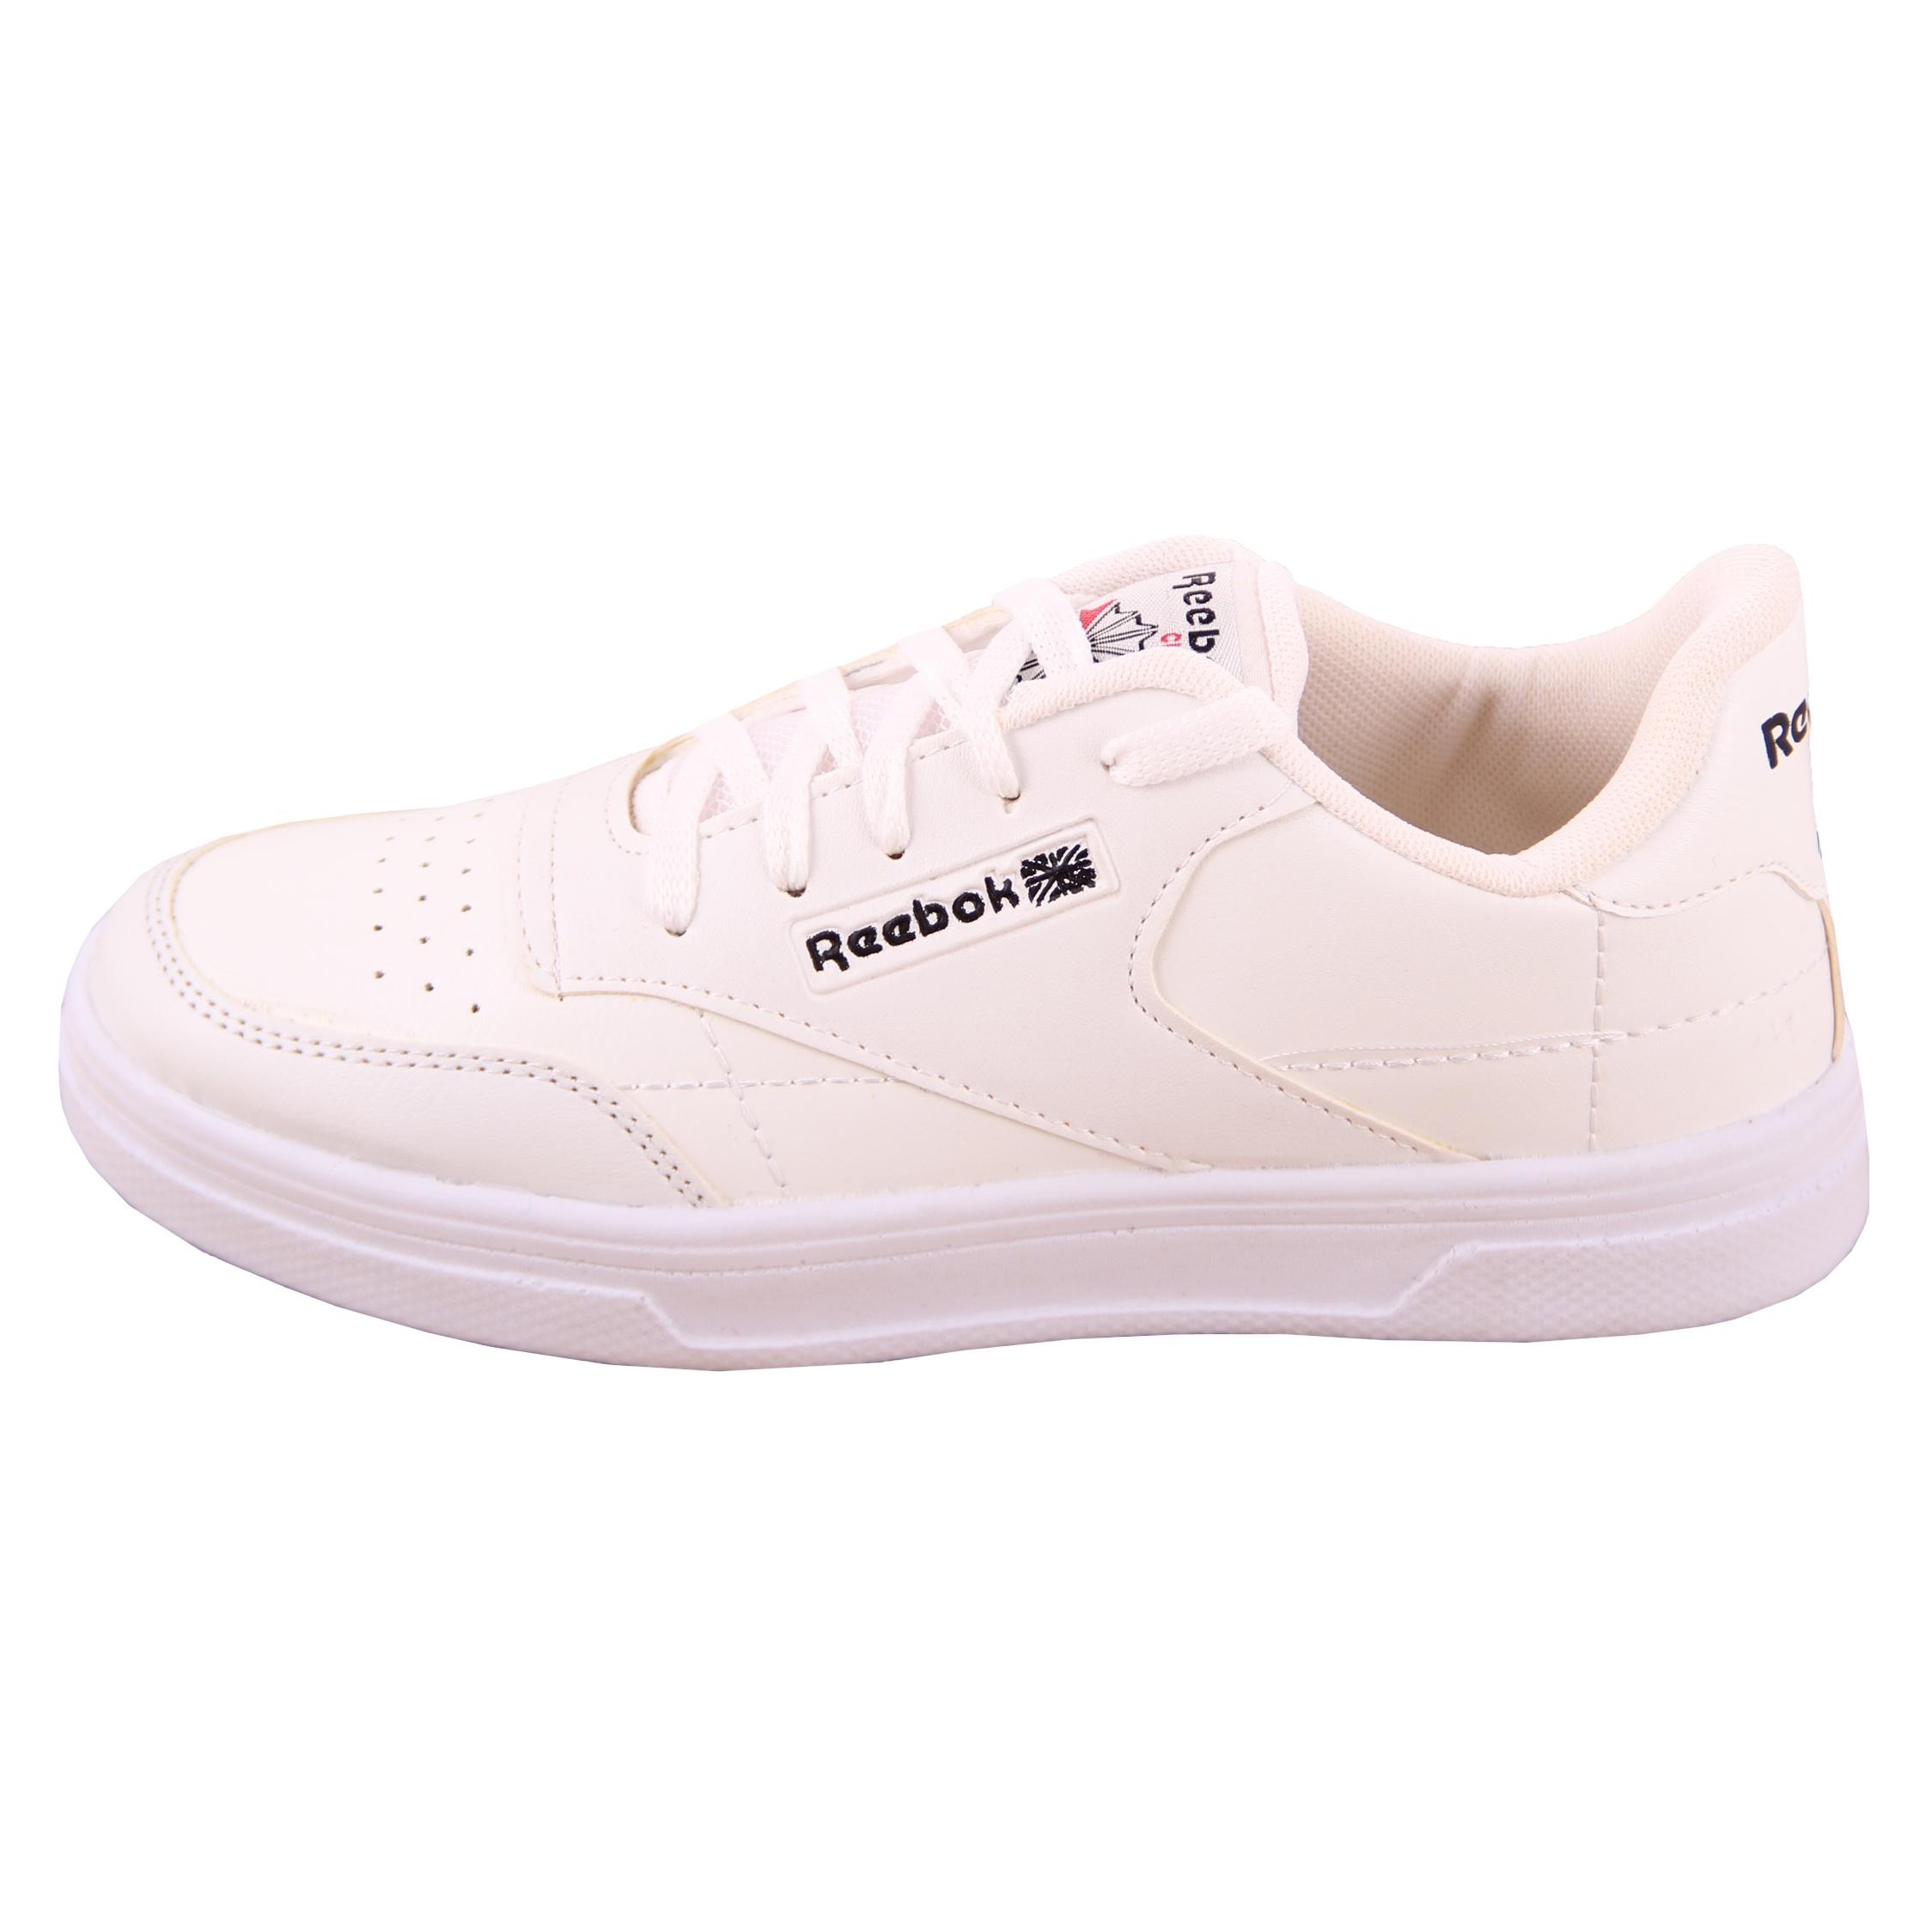 کفش مخصوص پیاده روی زنانه کد 4-2397160